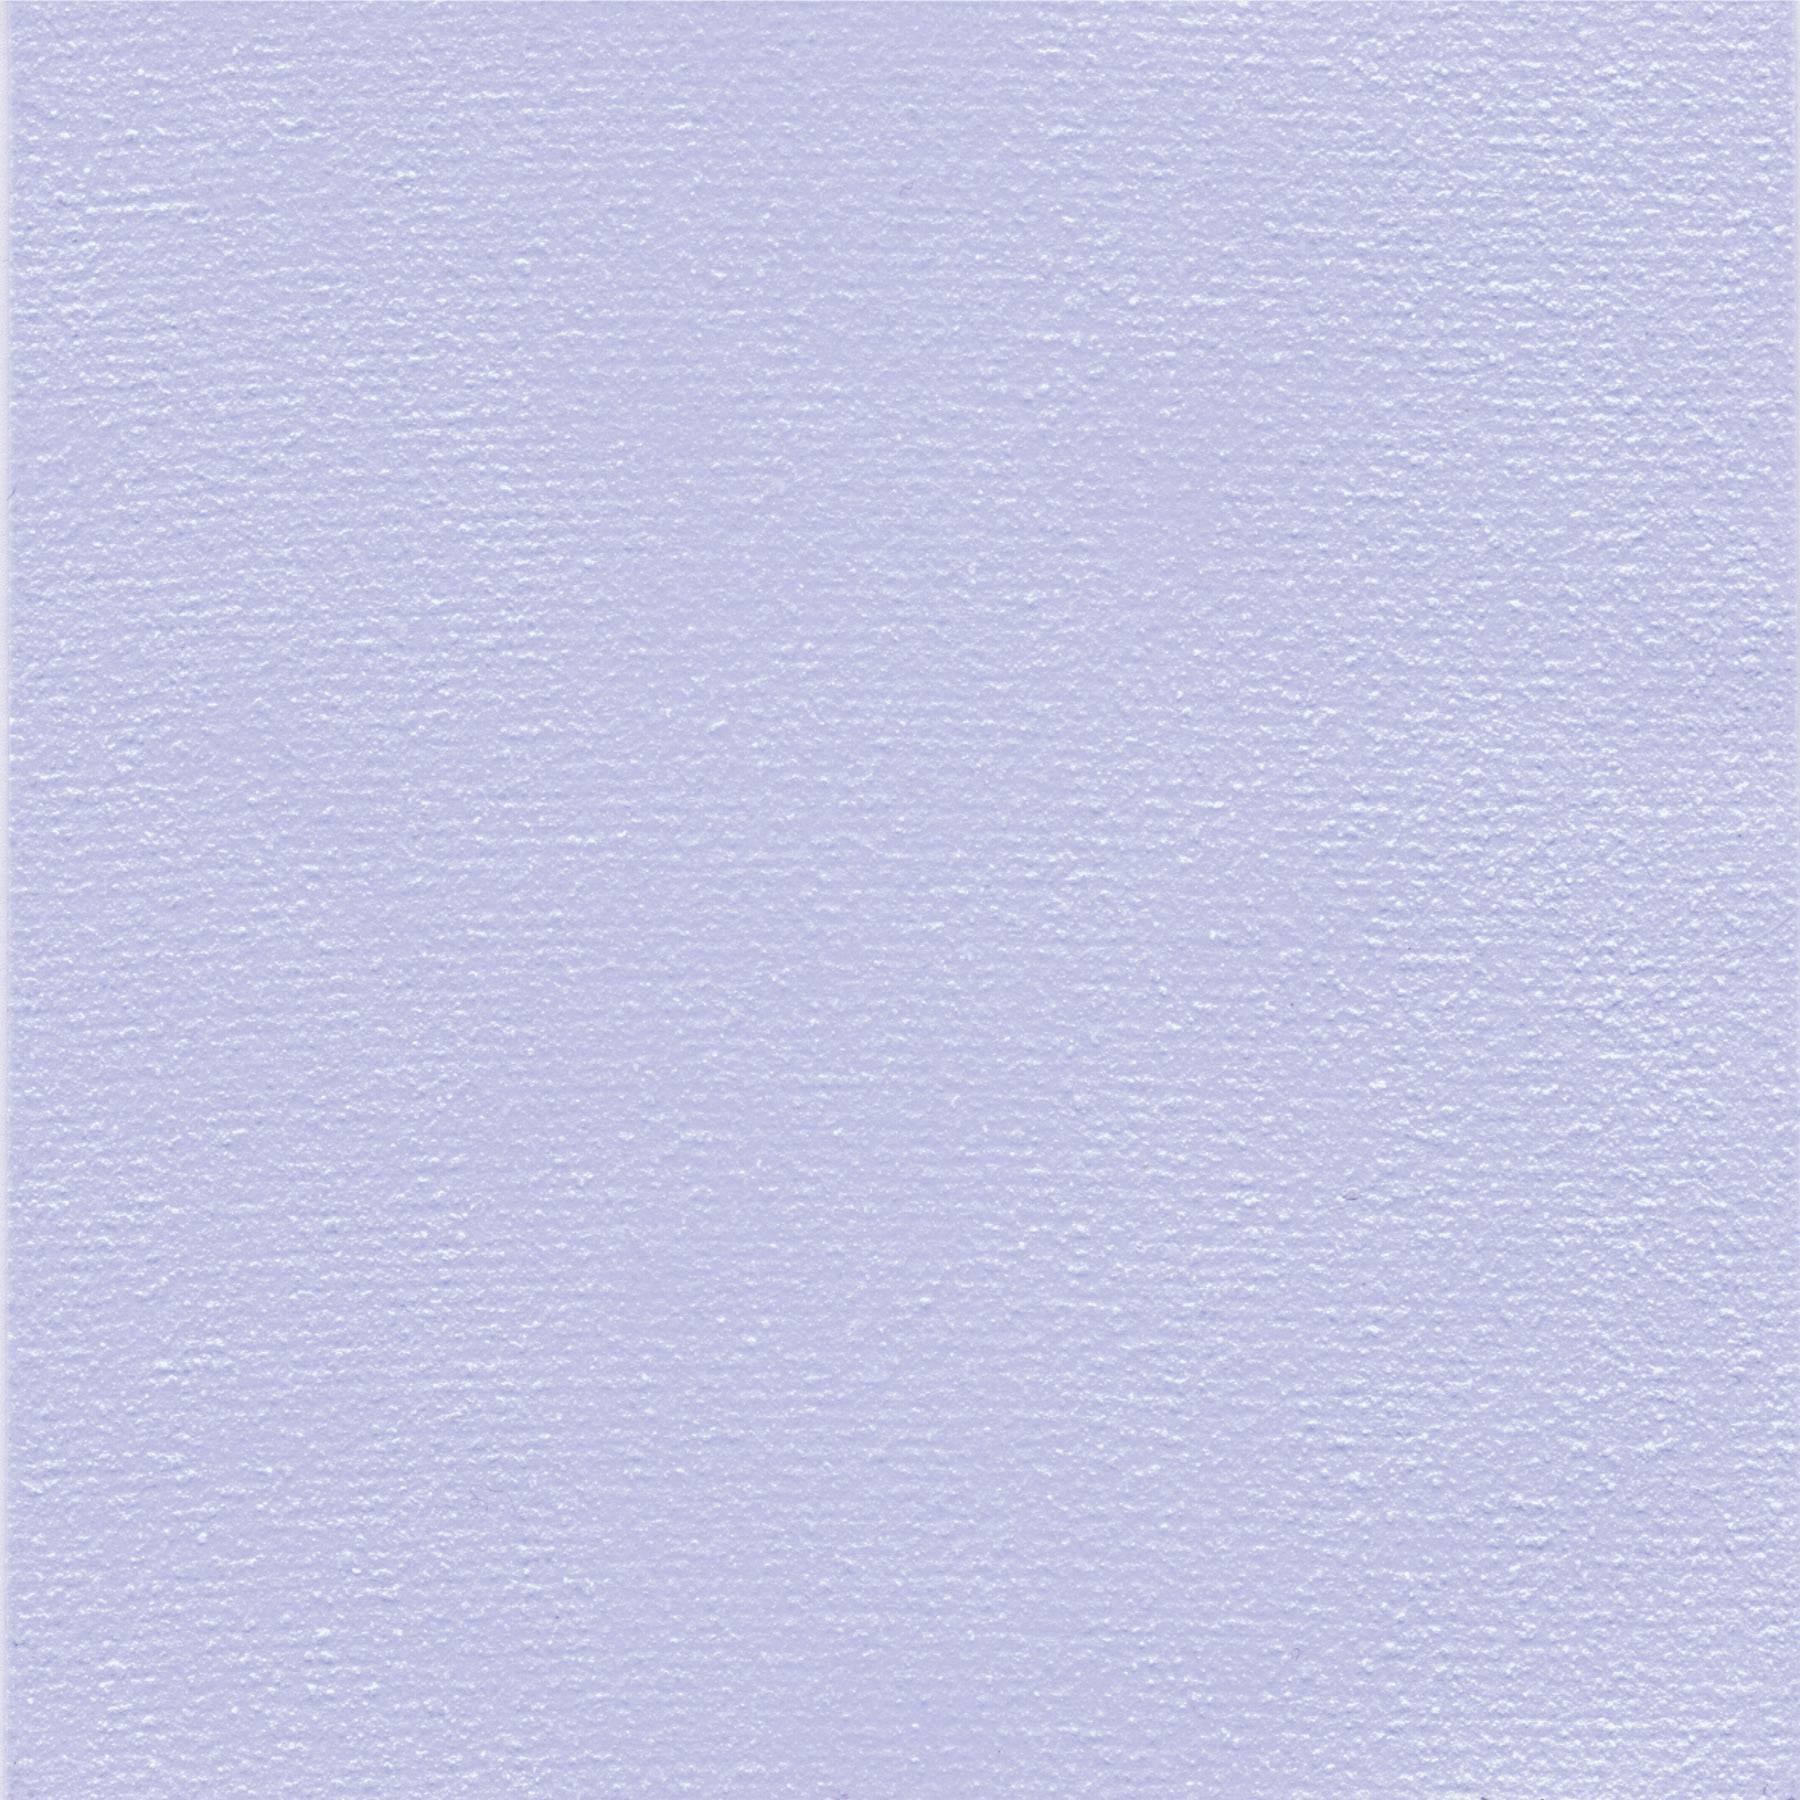 Teplovodivá fólie SoftthermR 86/300 100x100x2 mm